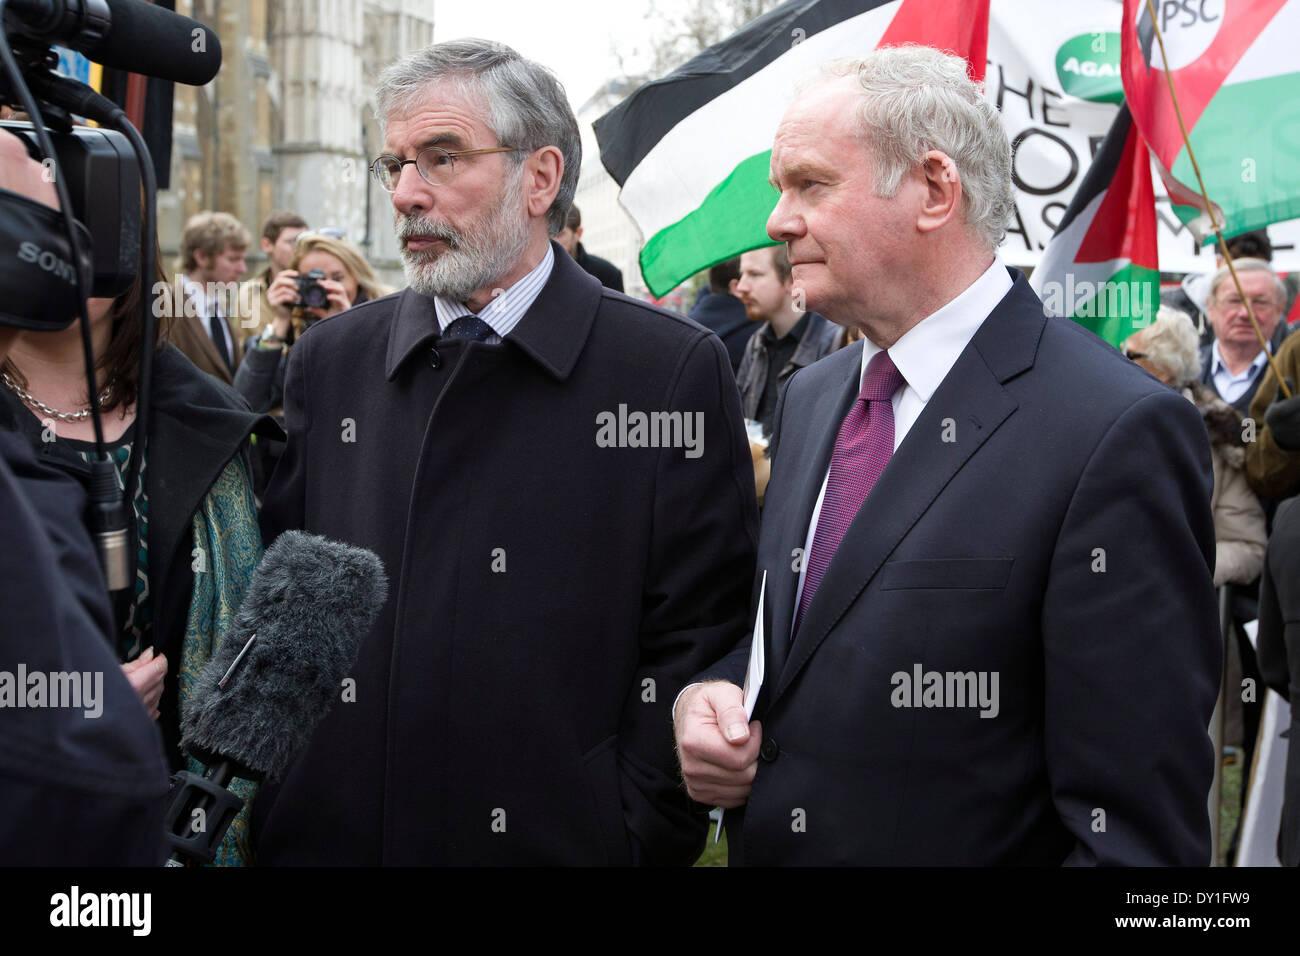 Martin McGuinness (R) und Gerry Adams (L) lassen es Benn Beerdigung in London auf 14. März 2014. Stockbild